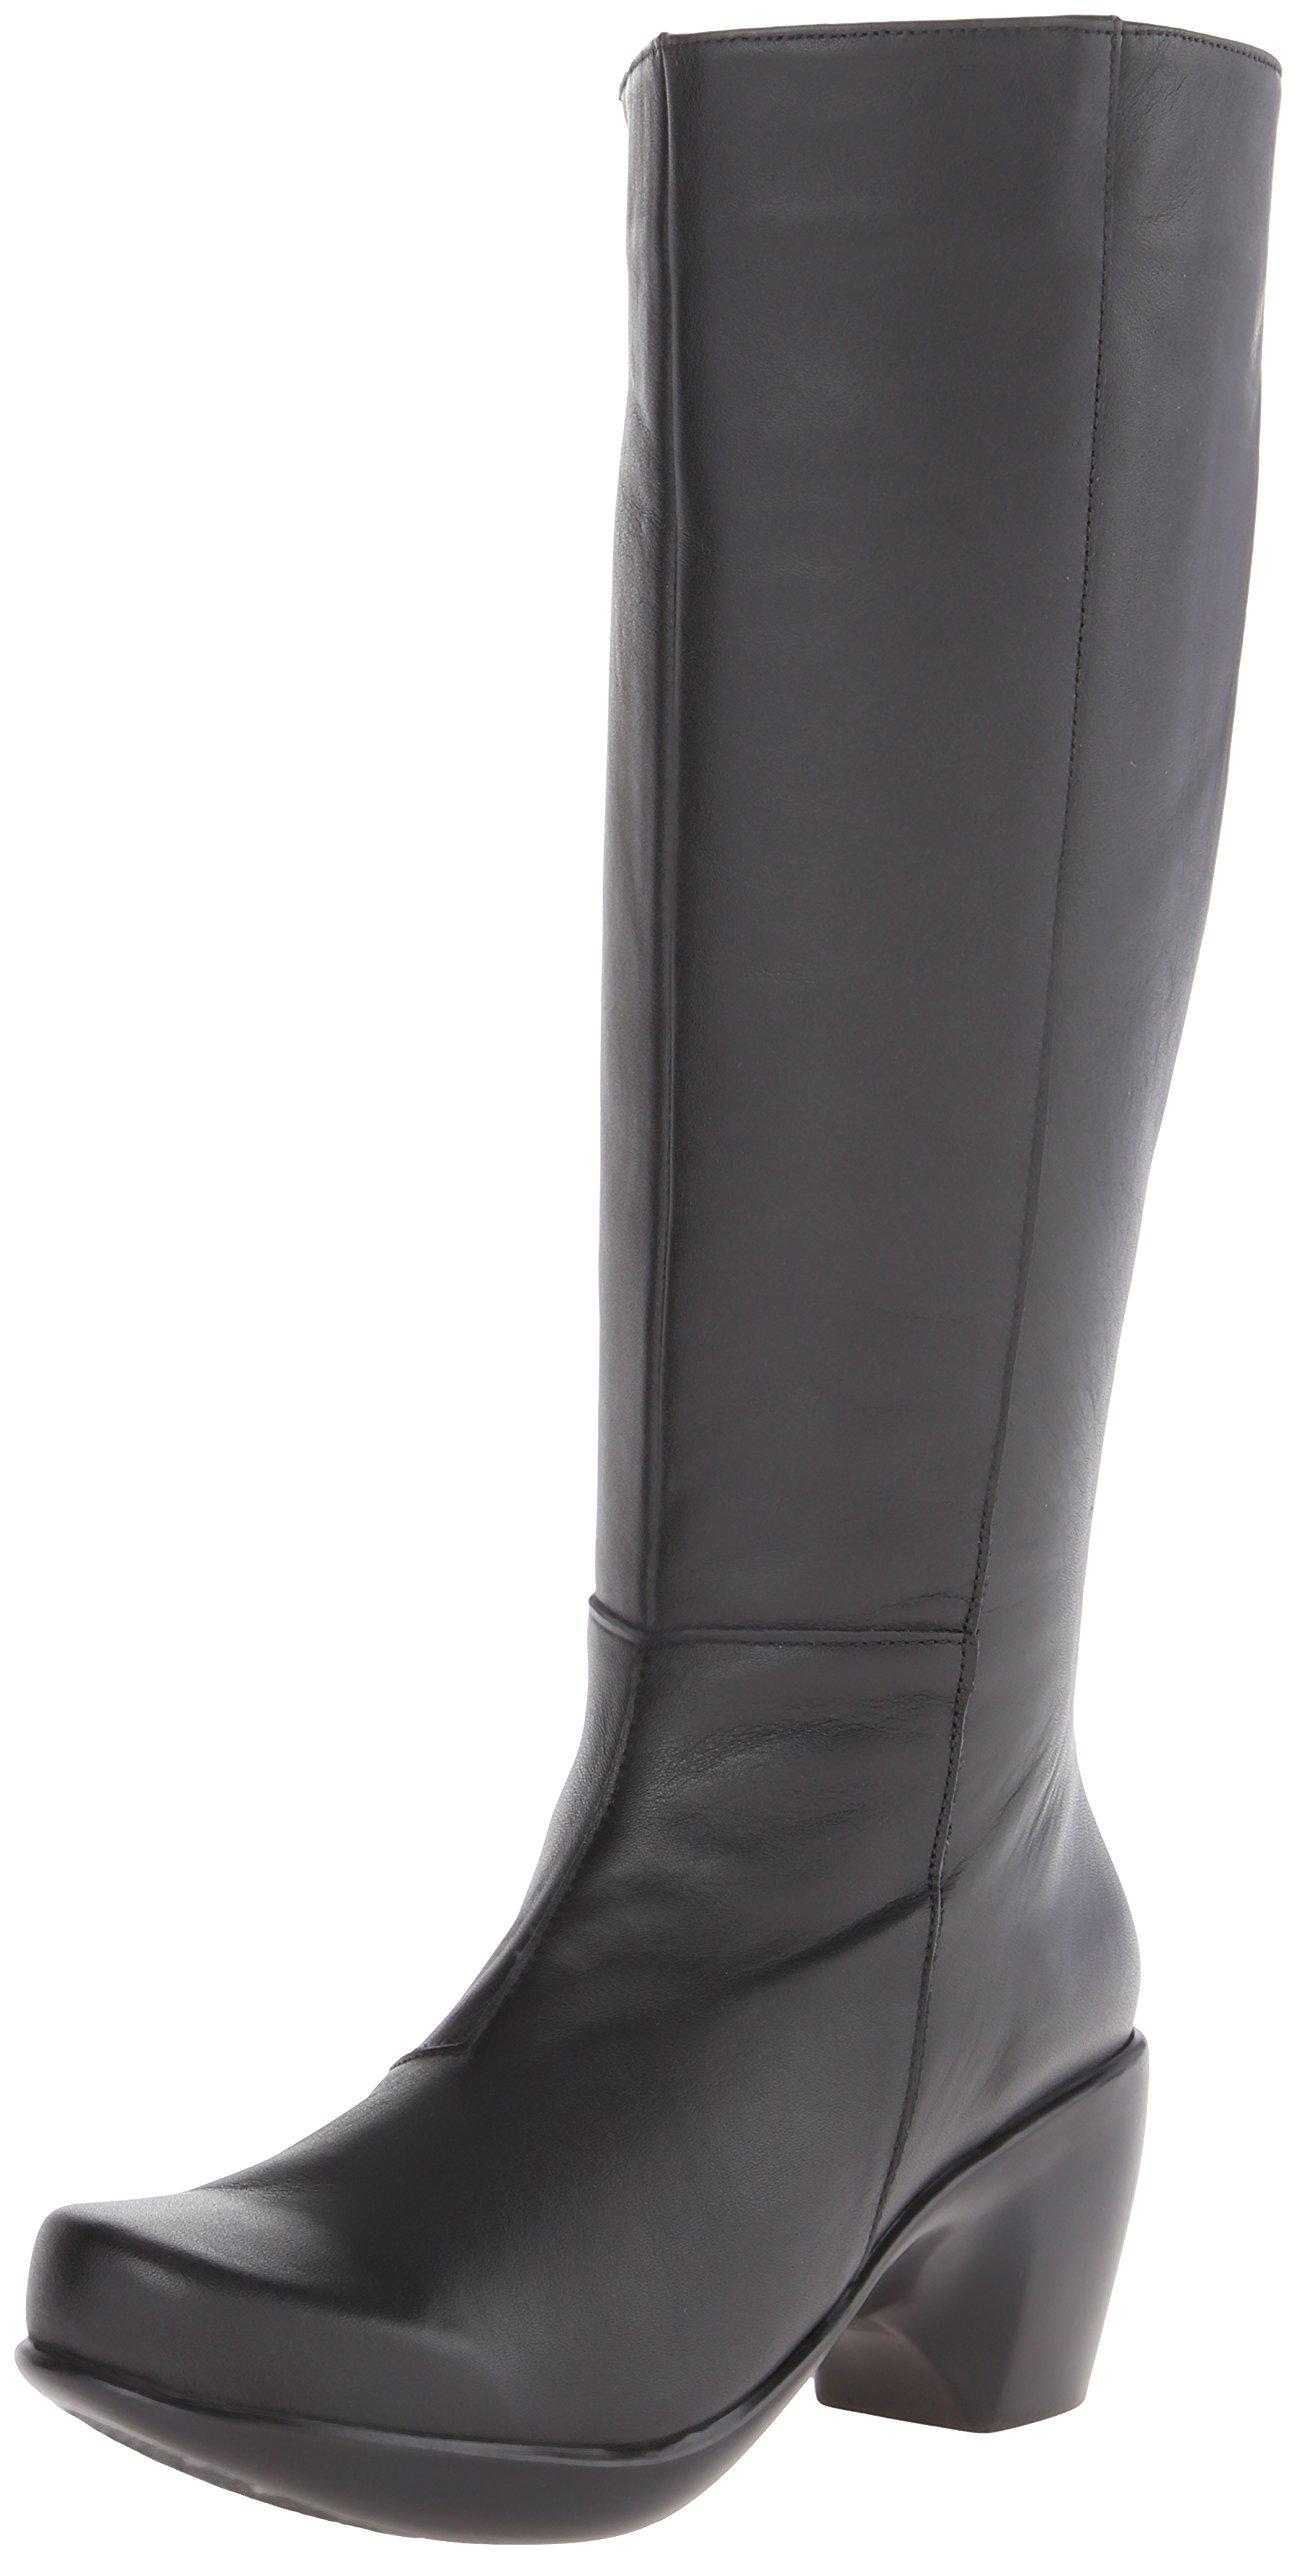 Naot Women's Divine Chelsea Boot, Jet Black Leather, 41 EU/10 M US